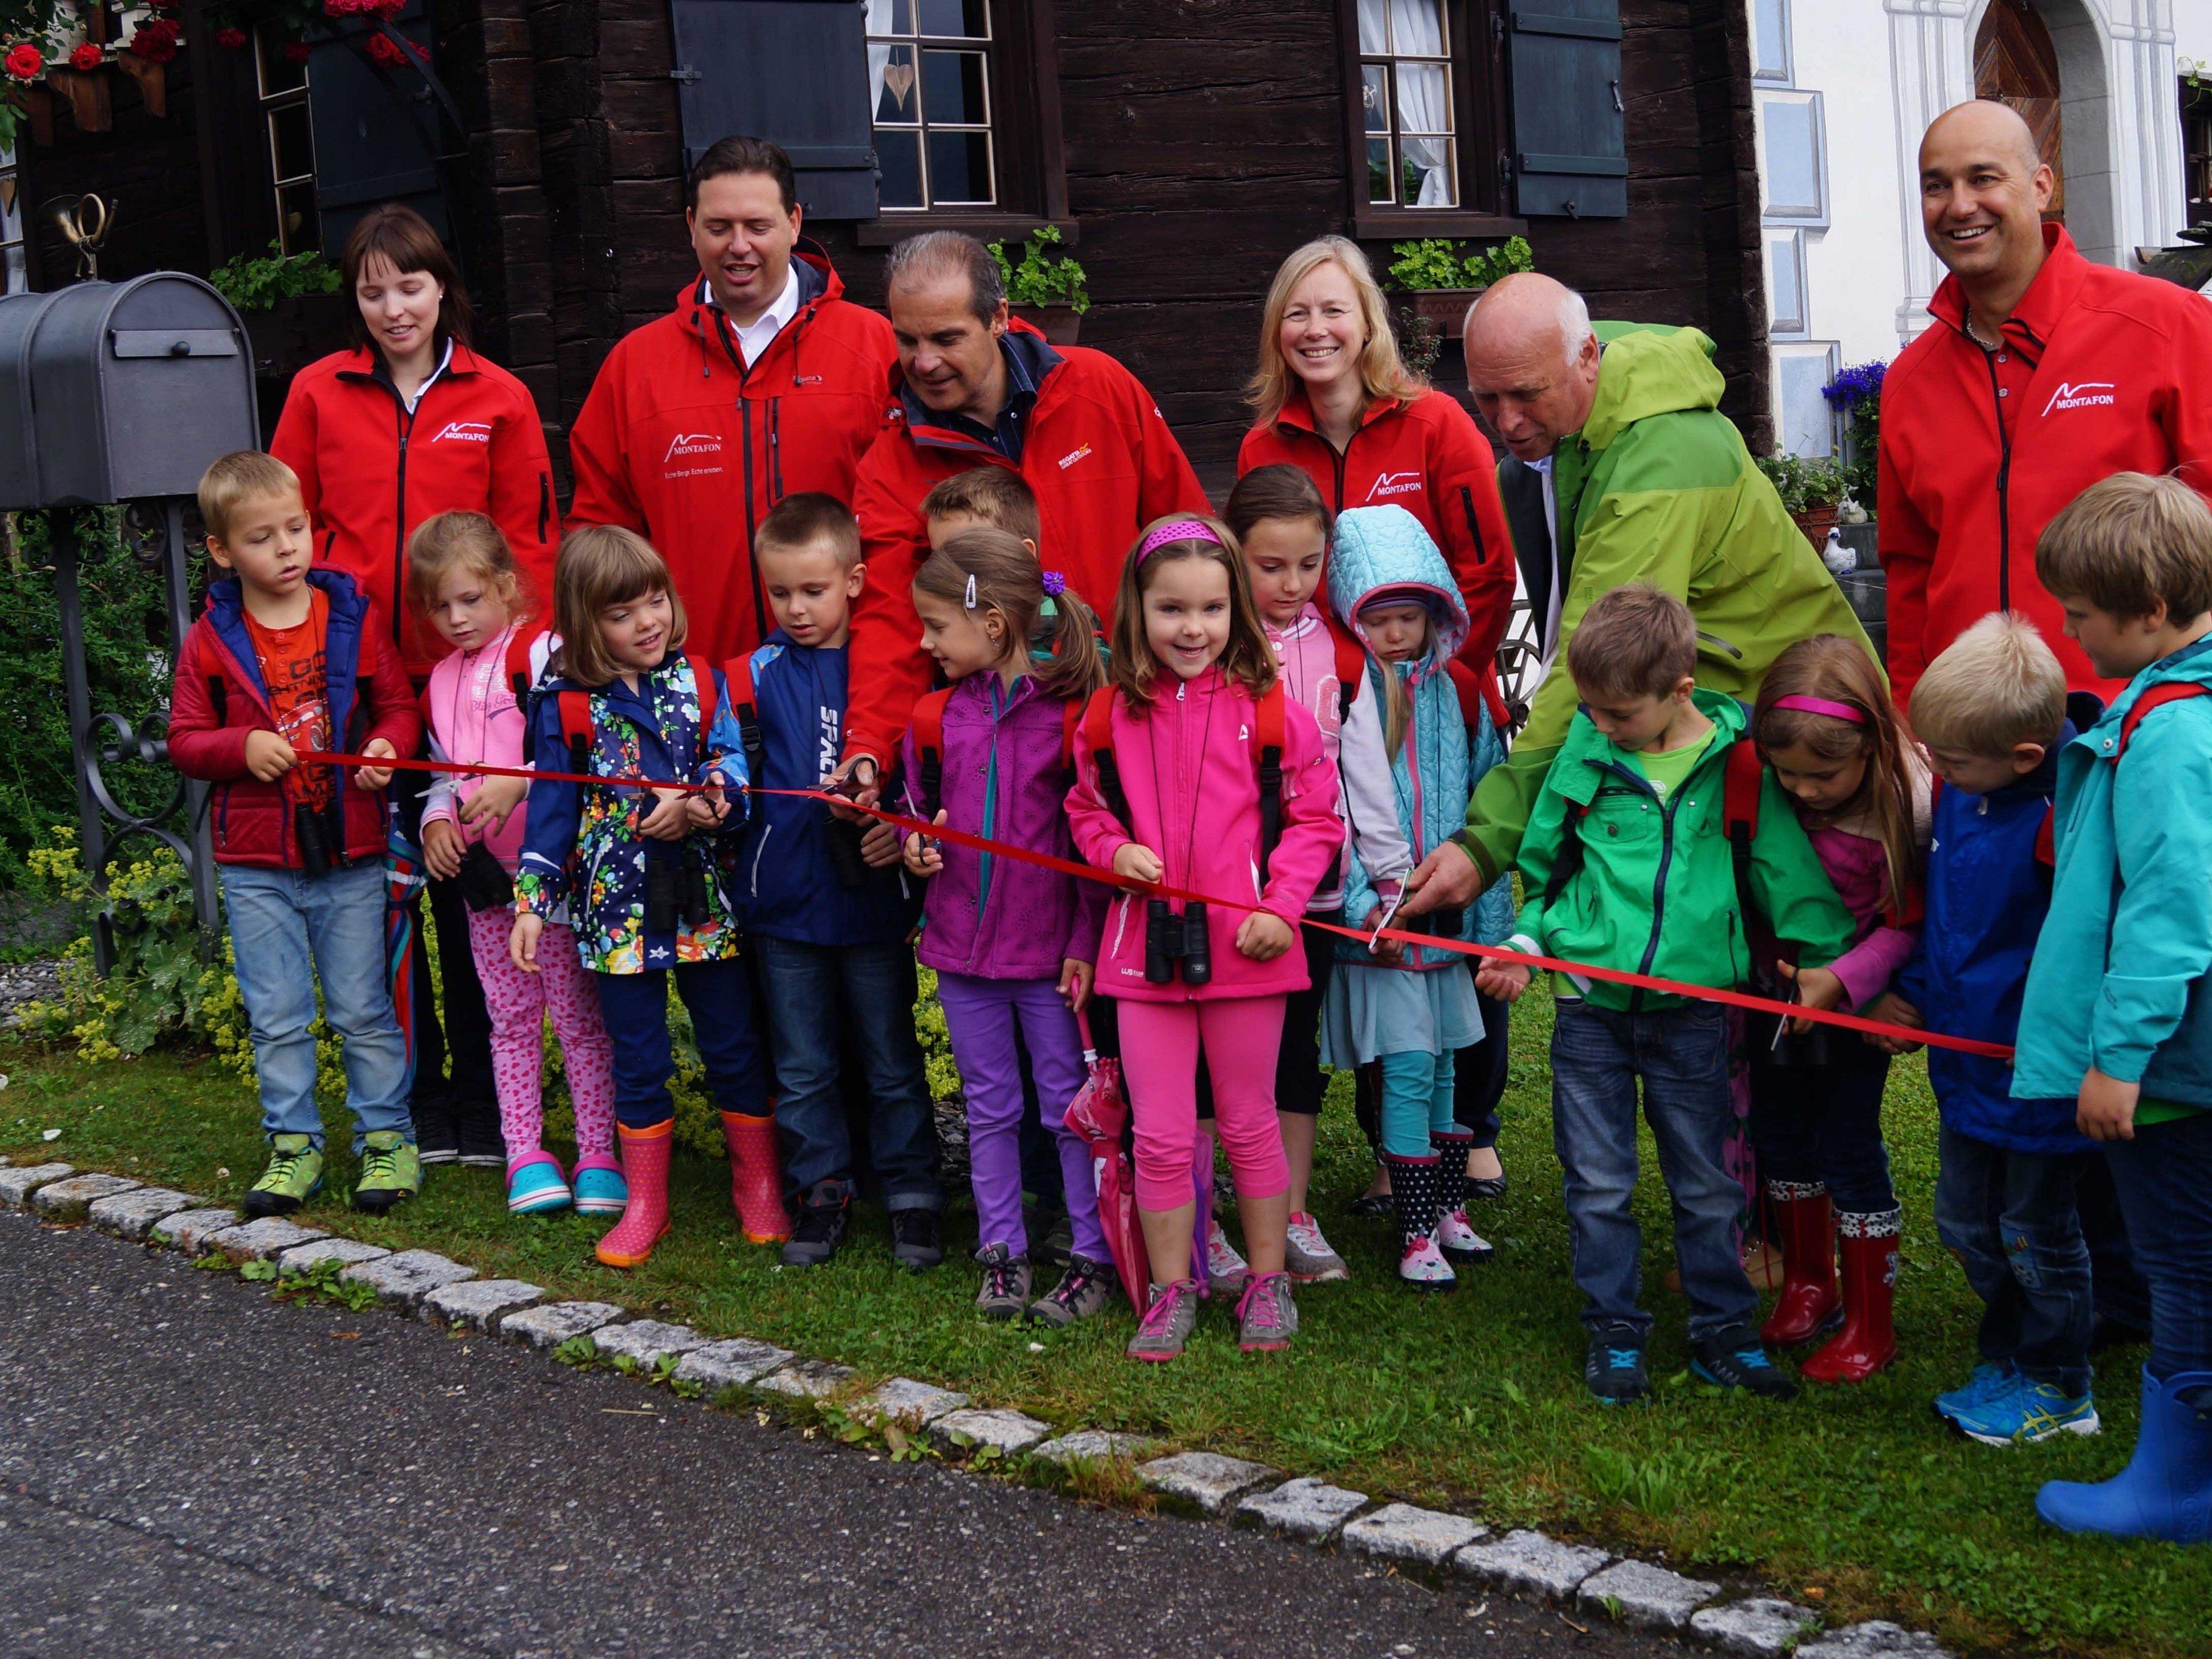 Der Kindergarten Vandans schnitten das Band zur Eröffnung durch.